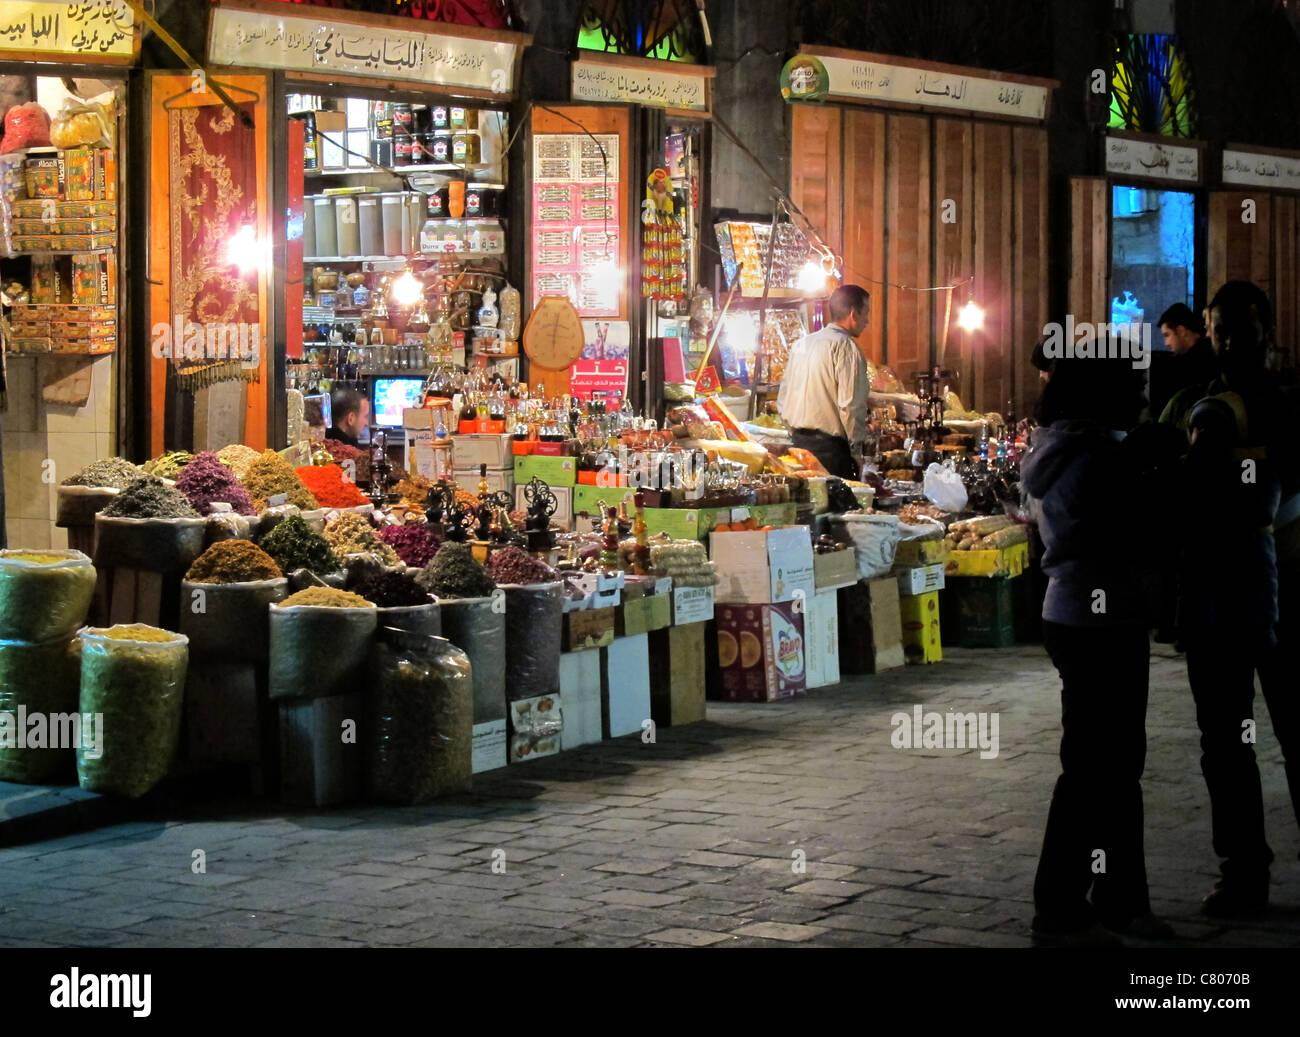 bazaar Damascus - Stock Image